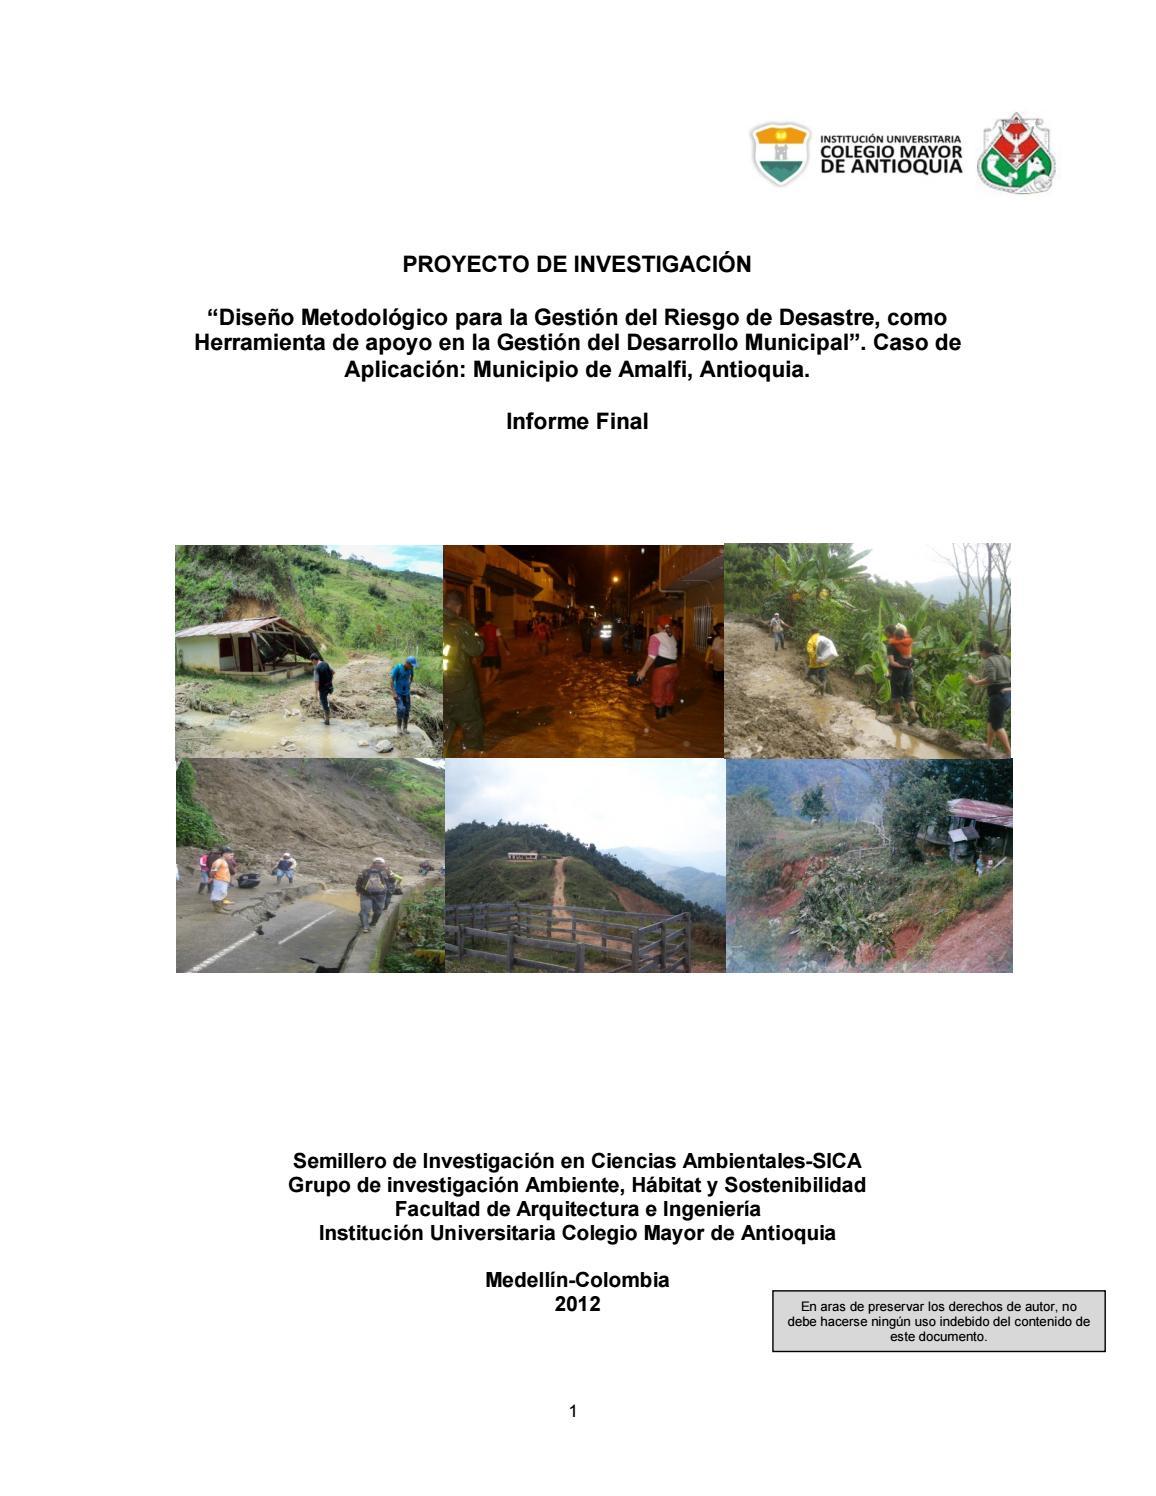 99e9a2bfe03 Diseño metodológico para la gestión del riesgo de desastre como herramienta  de apoyo by colmayor - issuu